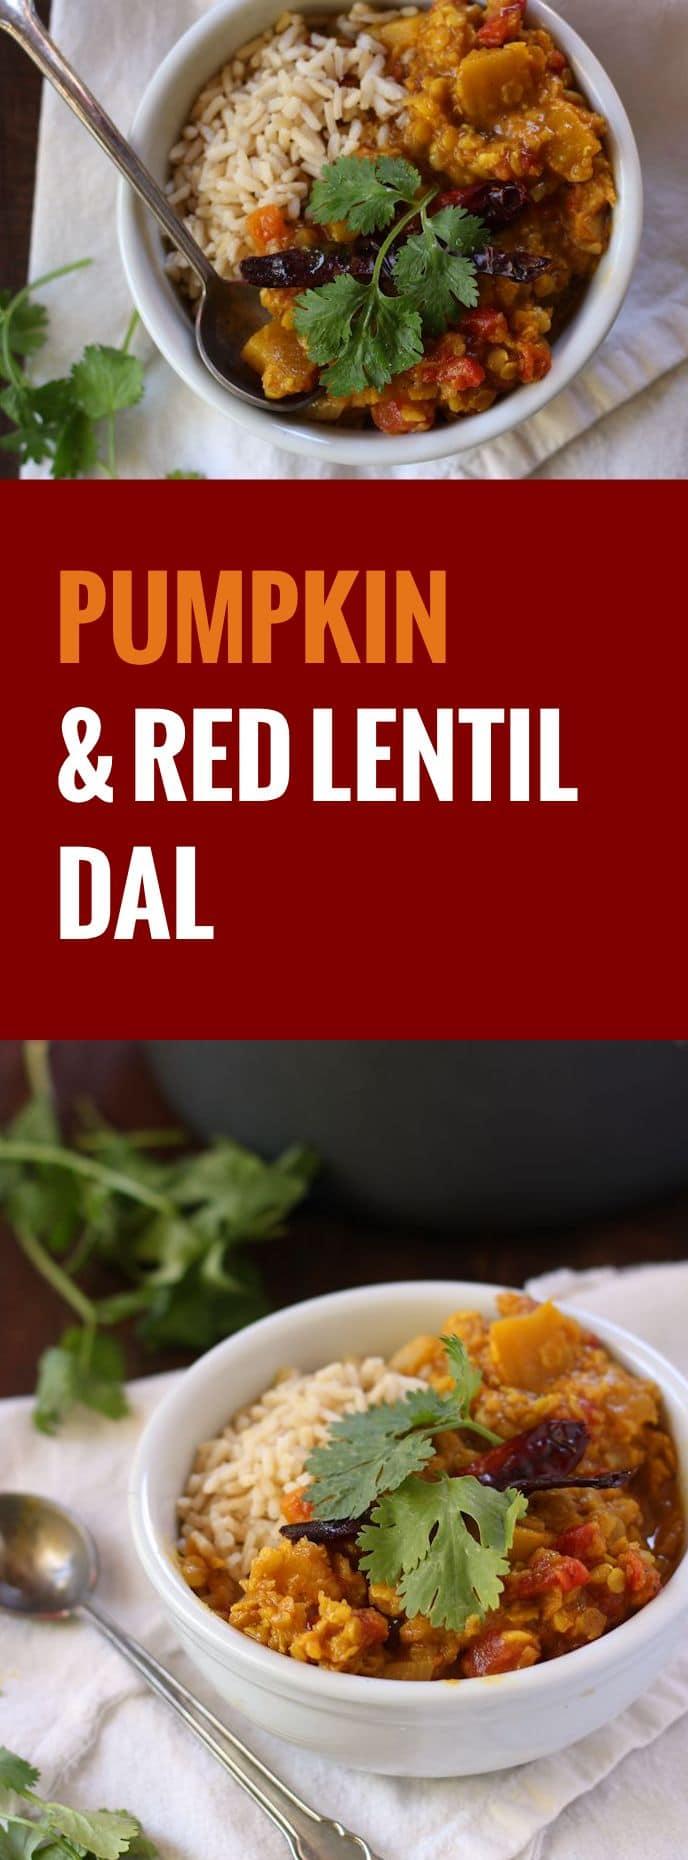 Red Lentil Pumpkin Dal